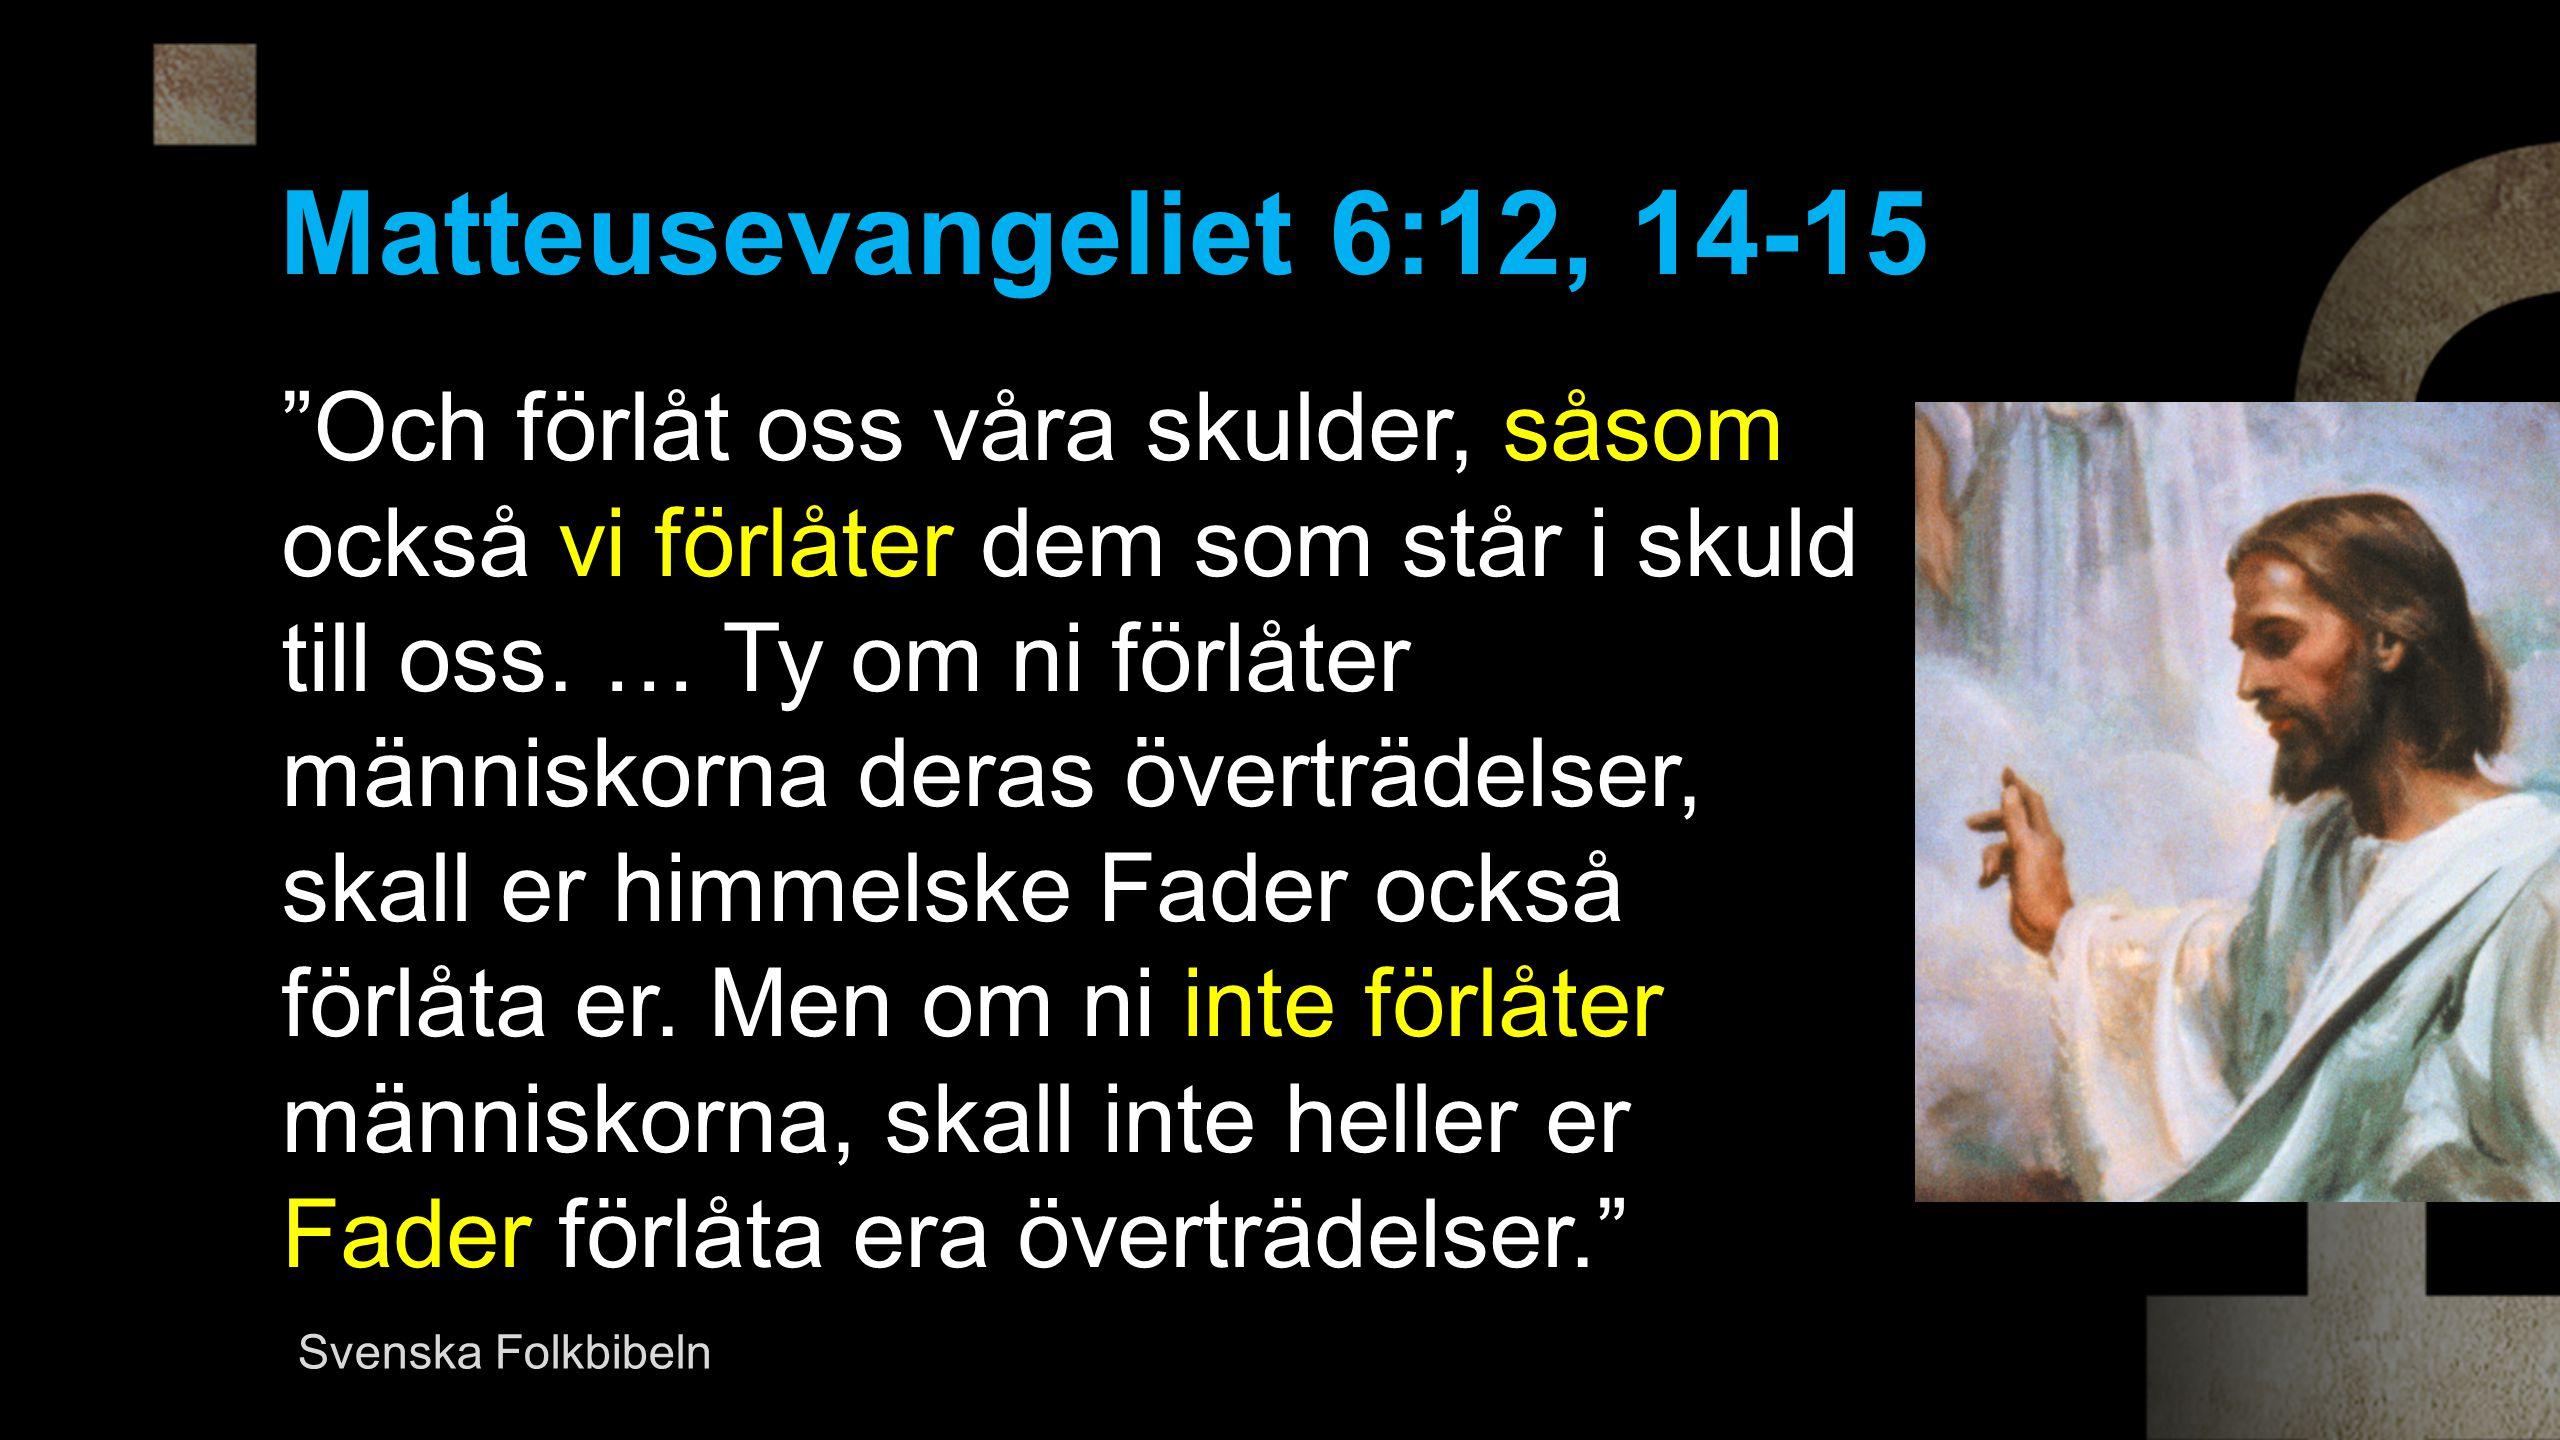 Matteusevangeliet 6:12, 14-15 Och förlåt oss våra skulder, såsom också vi förlåter dem som står i skuld till oss.